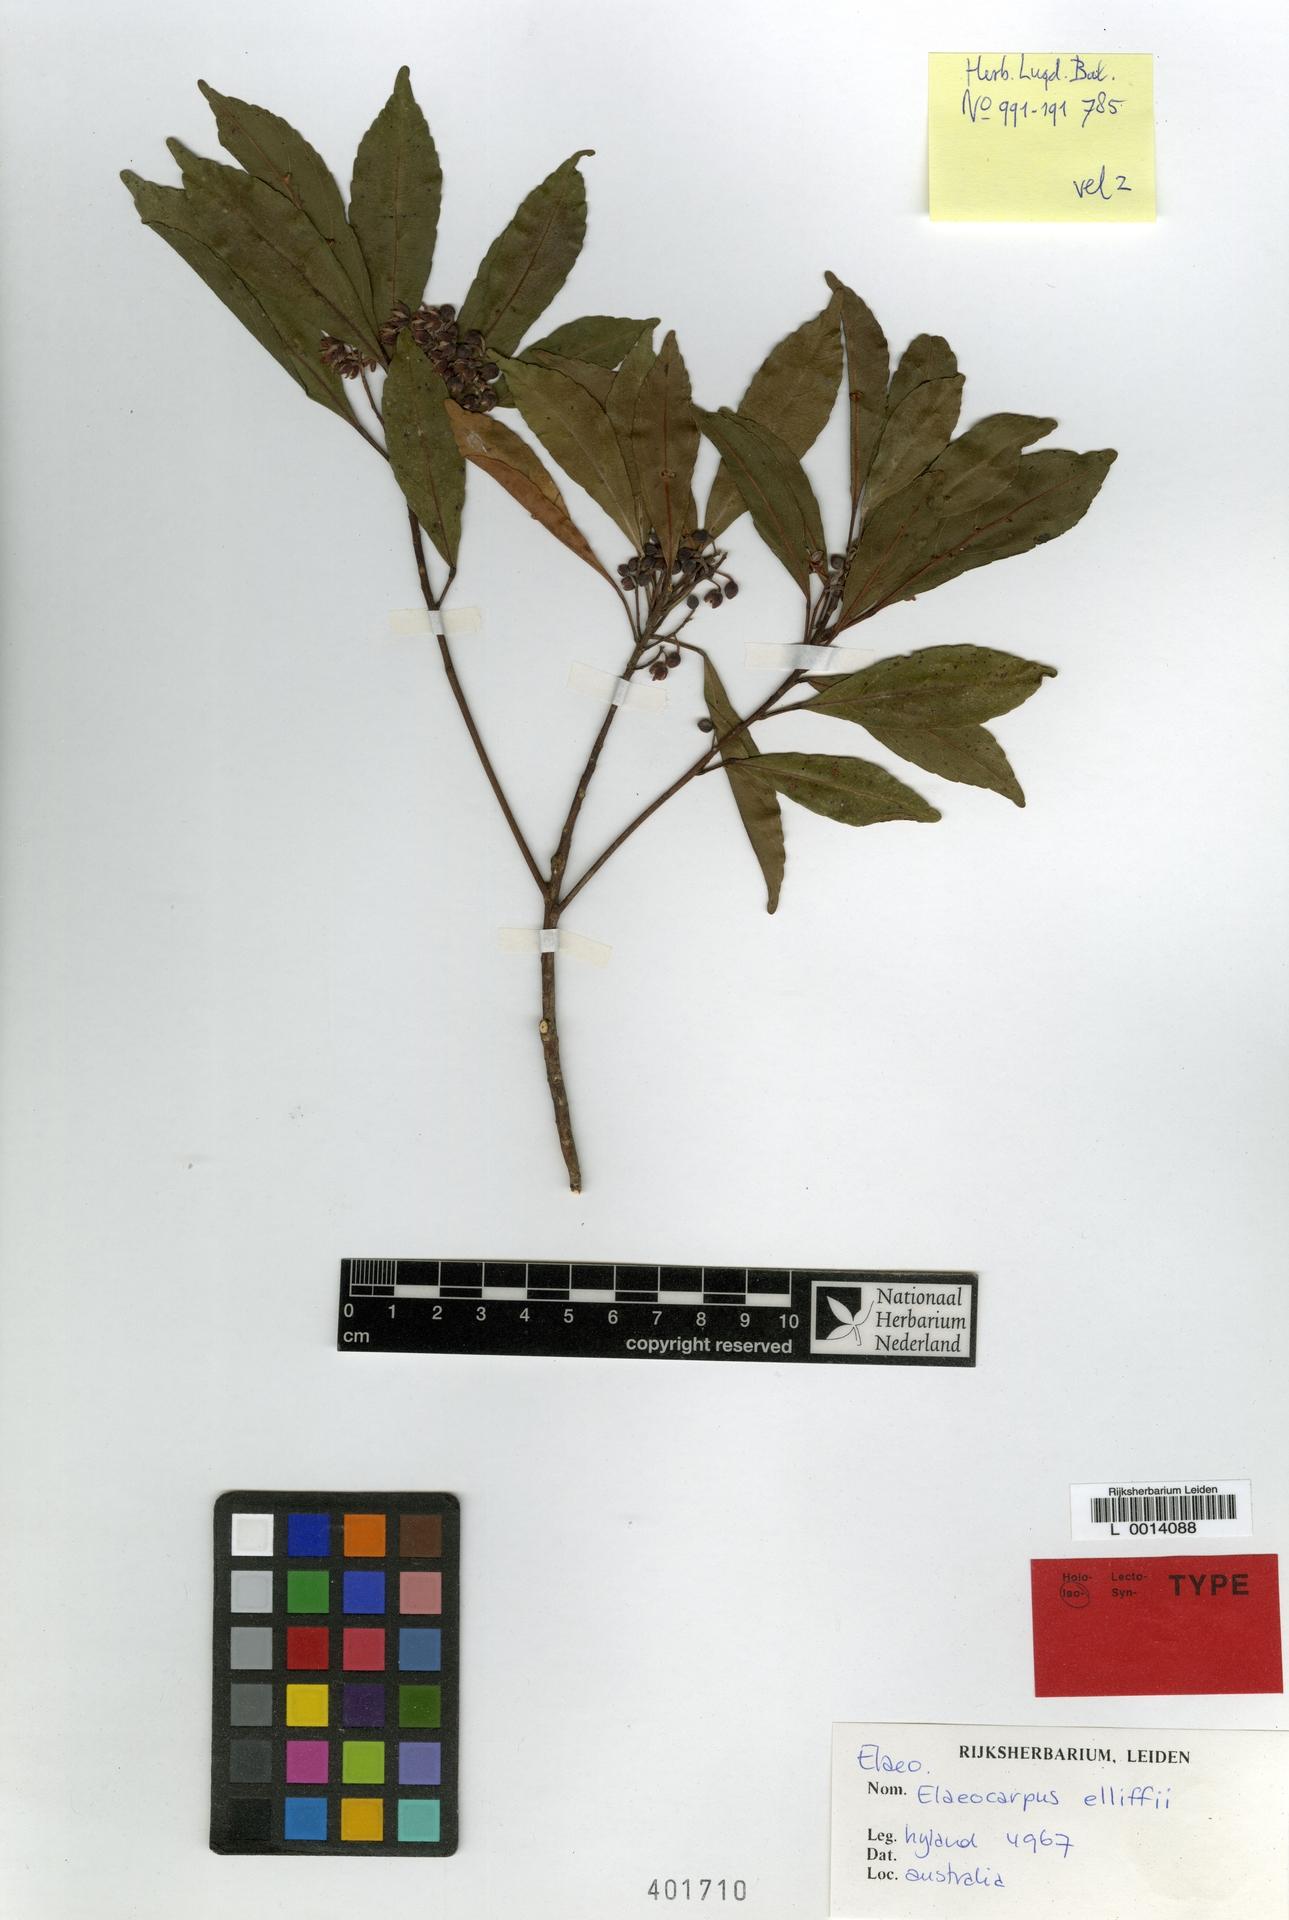 L  0014088 | Elaeocarpus elliffii B.Hyland & Coode